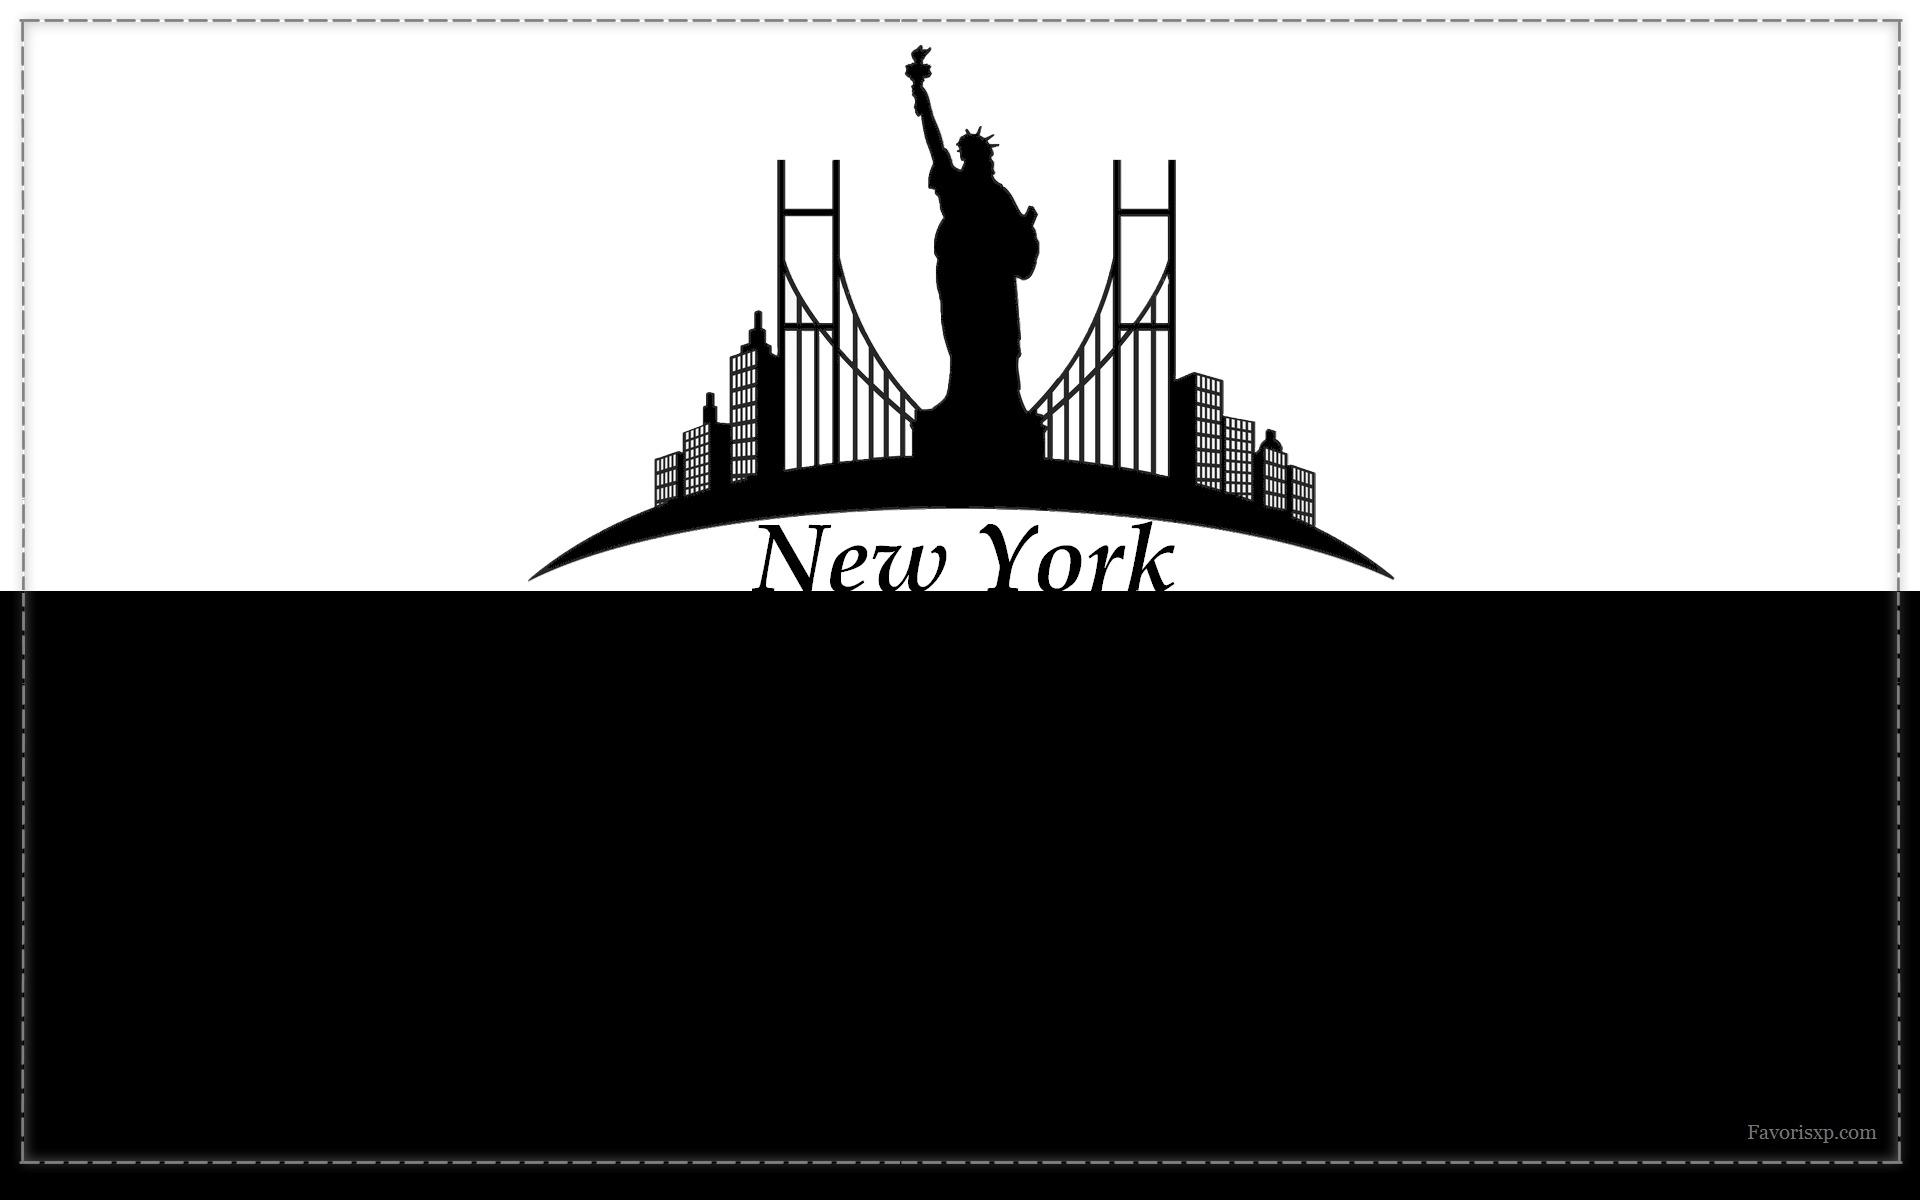 Fond d'écran de ville en noir et blanc.